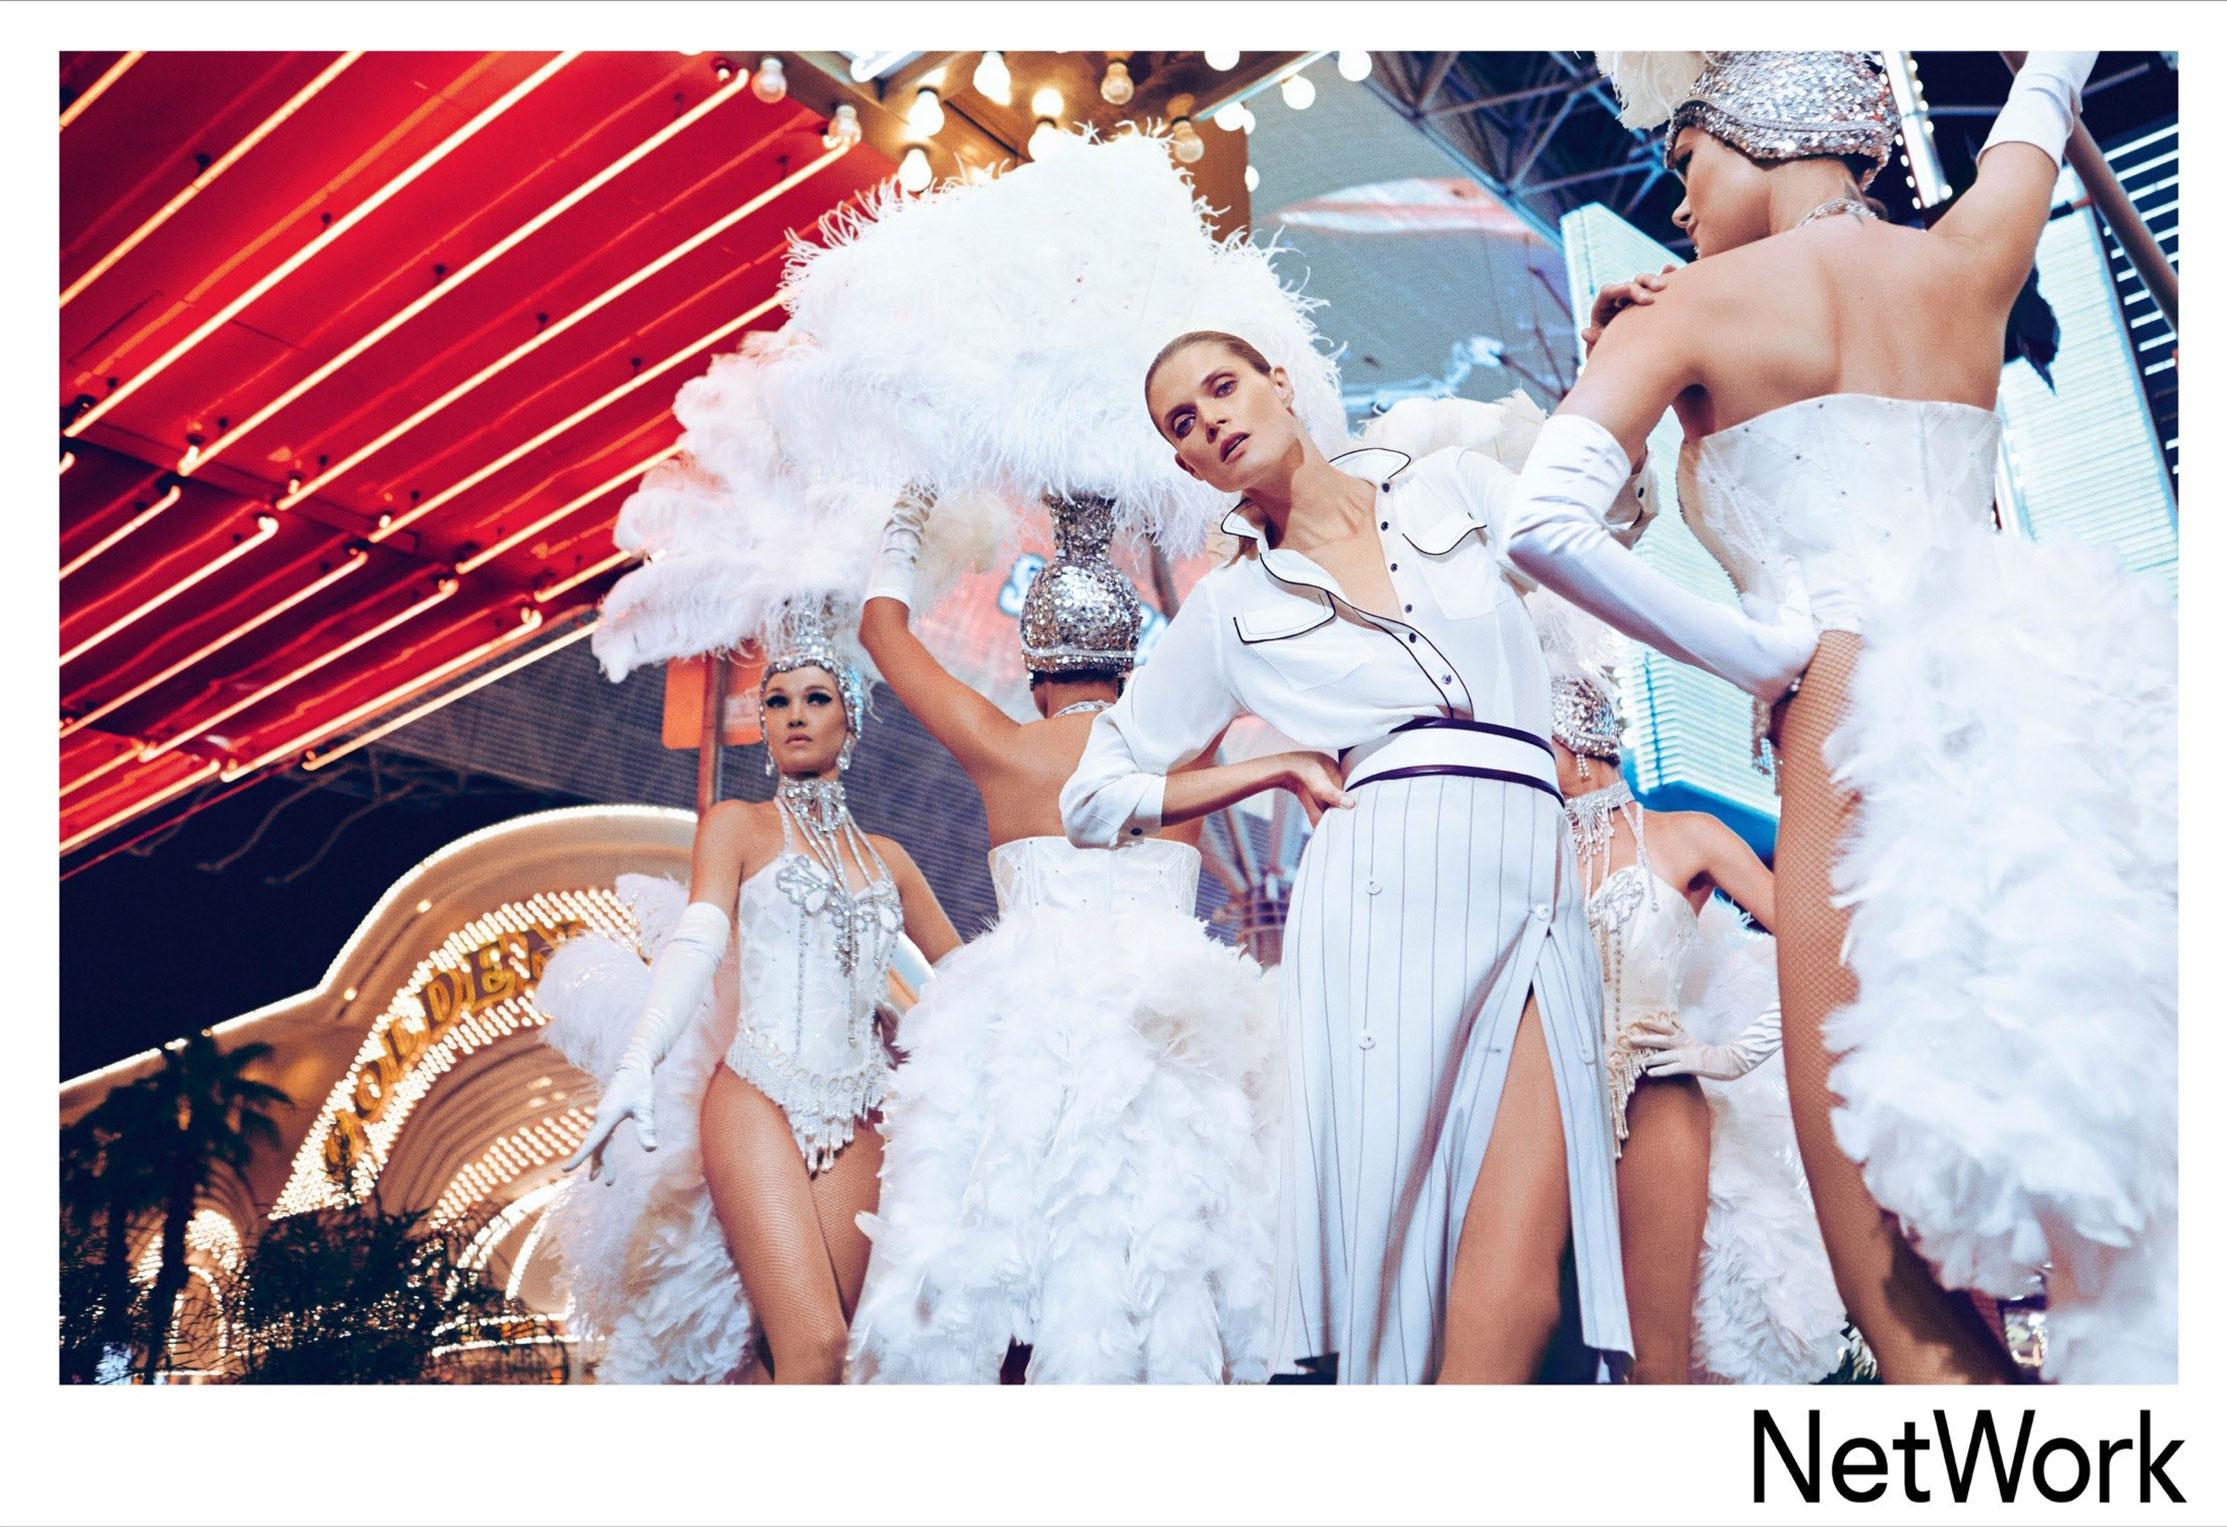 супермодель Малгоша Бела в рекламной кампании турецкого модного бренда Network, сезон весна-лето 2015 / фото 09